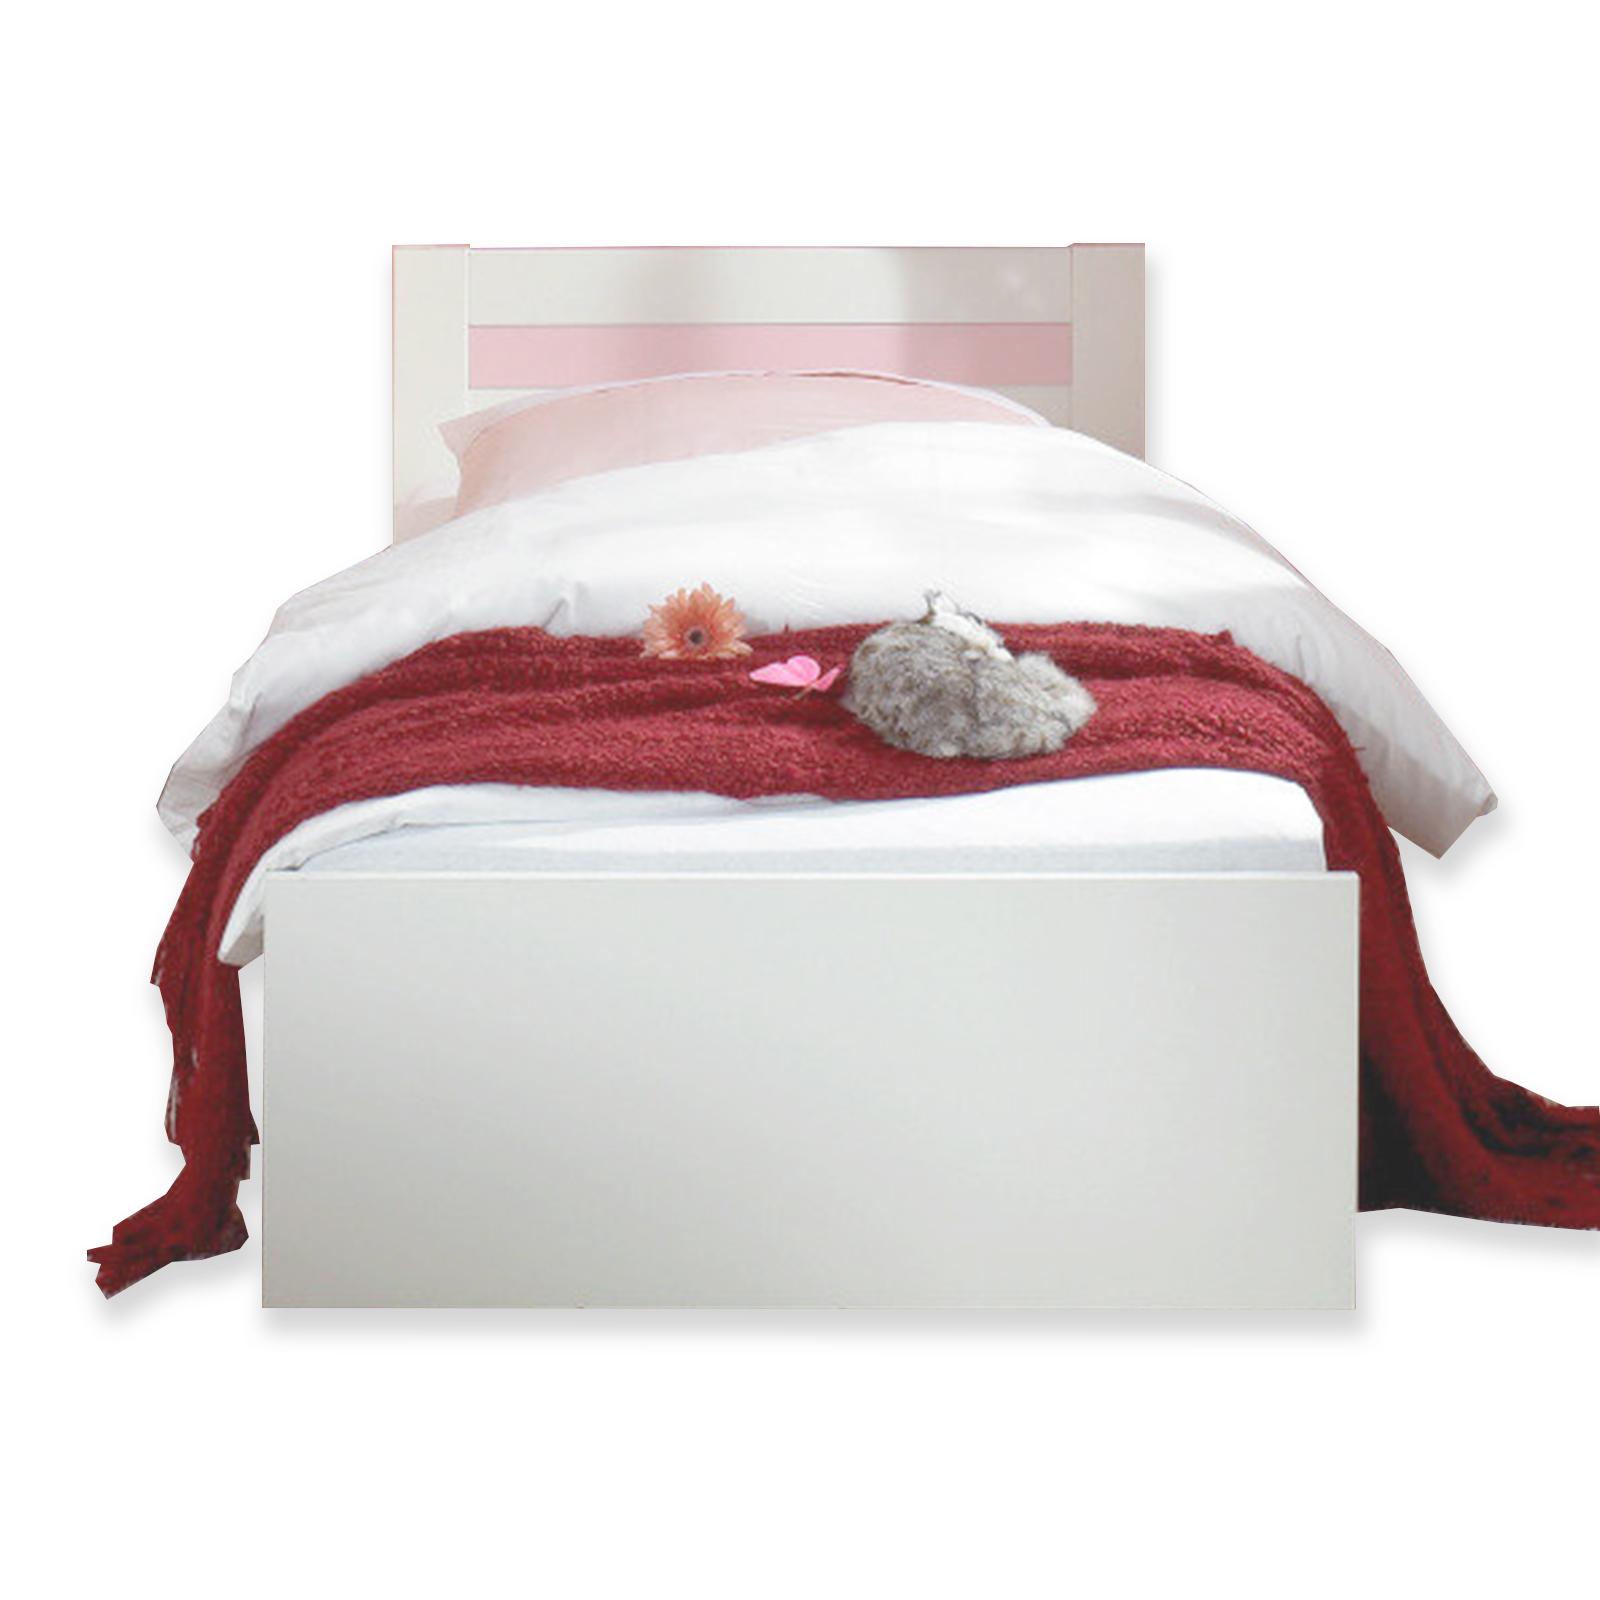 Full Size of Betten Günstig Kaufen Joop Bett Breite Komplett Bette Badewannen Himmel Even Better Clinique 180x200 Mit Lattenrost Und Matratze Hasena Köln Rückwand Bett Bett 90x200